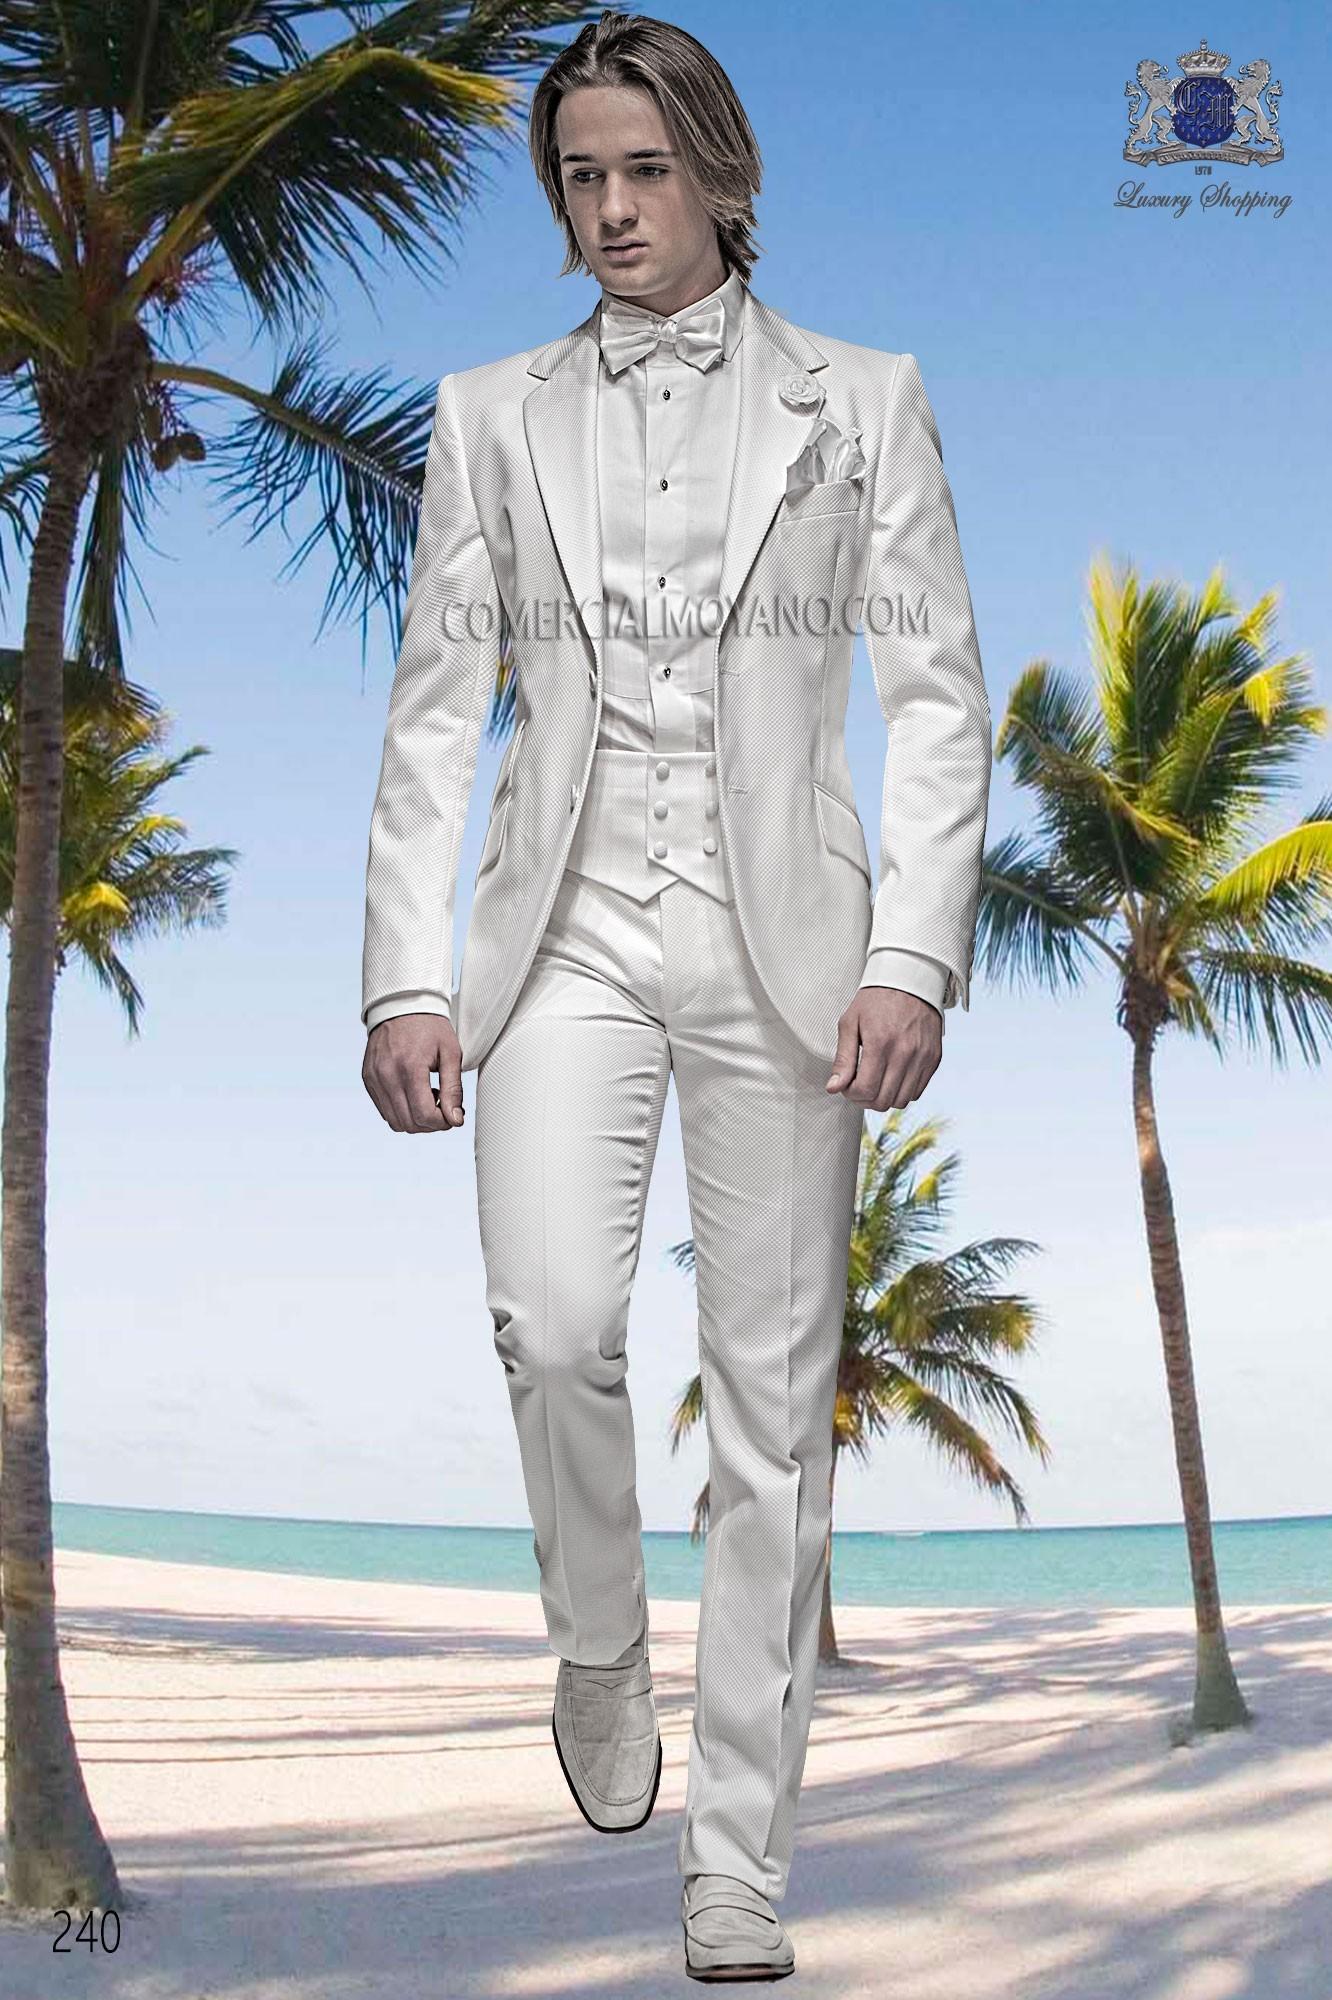 Traje de novio Hipster blanco modelo: 240 Ottavio Nuccio Gala colección Hipster